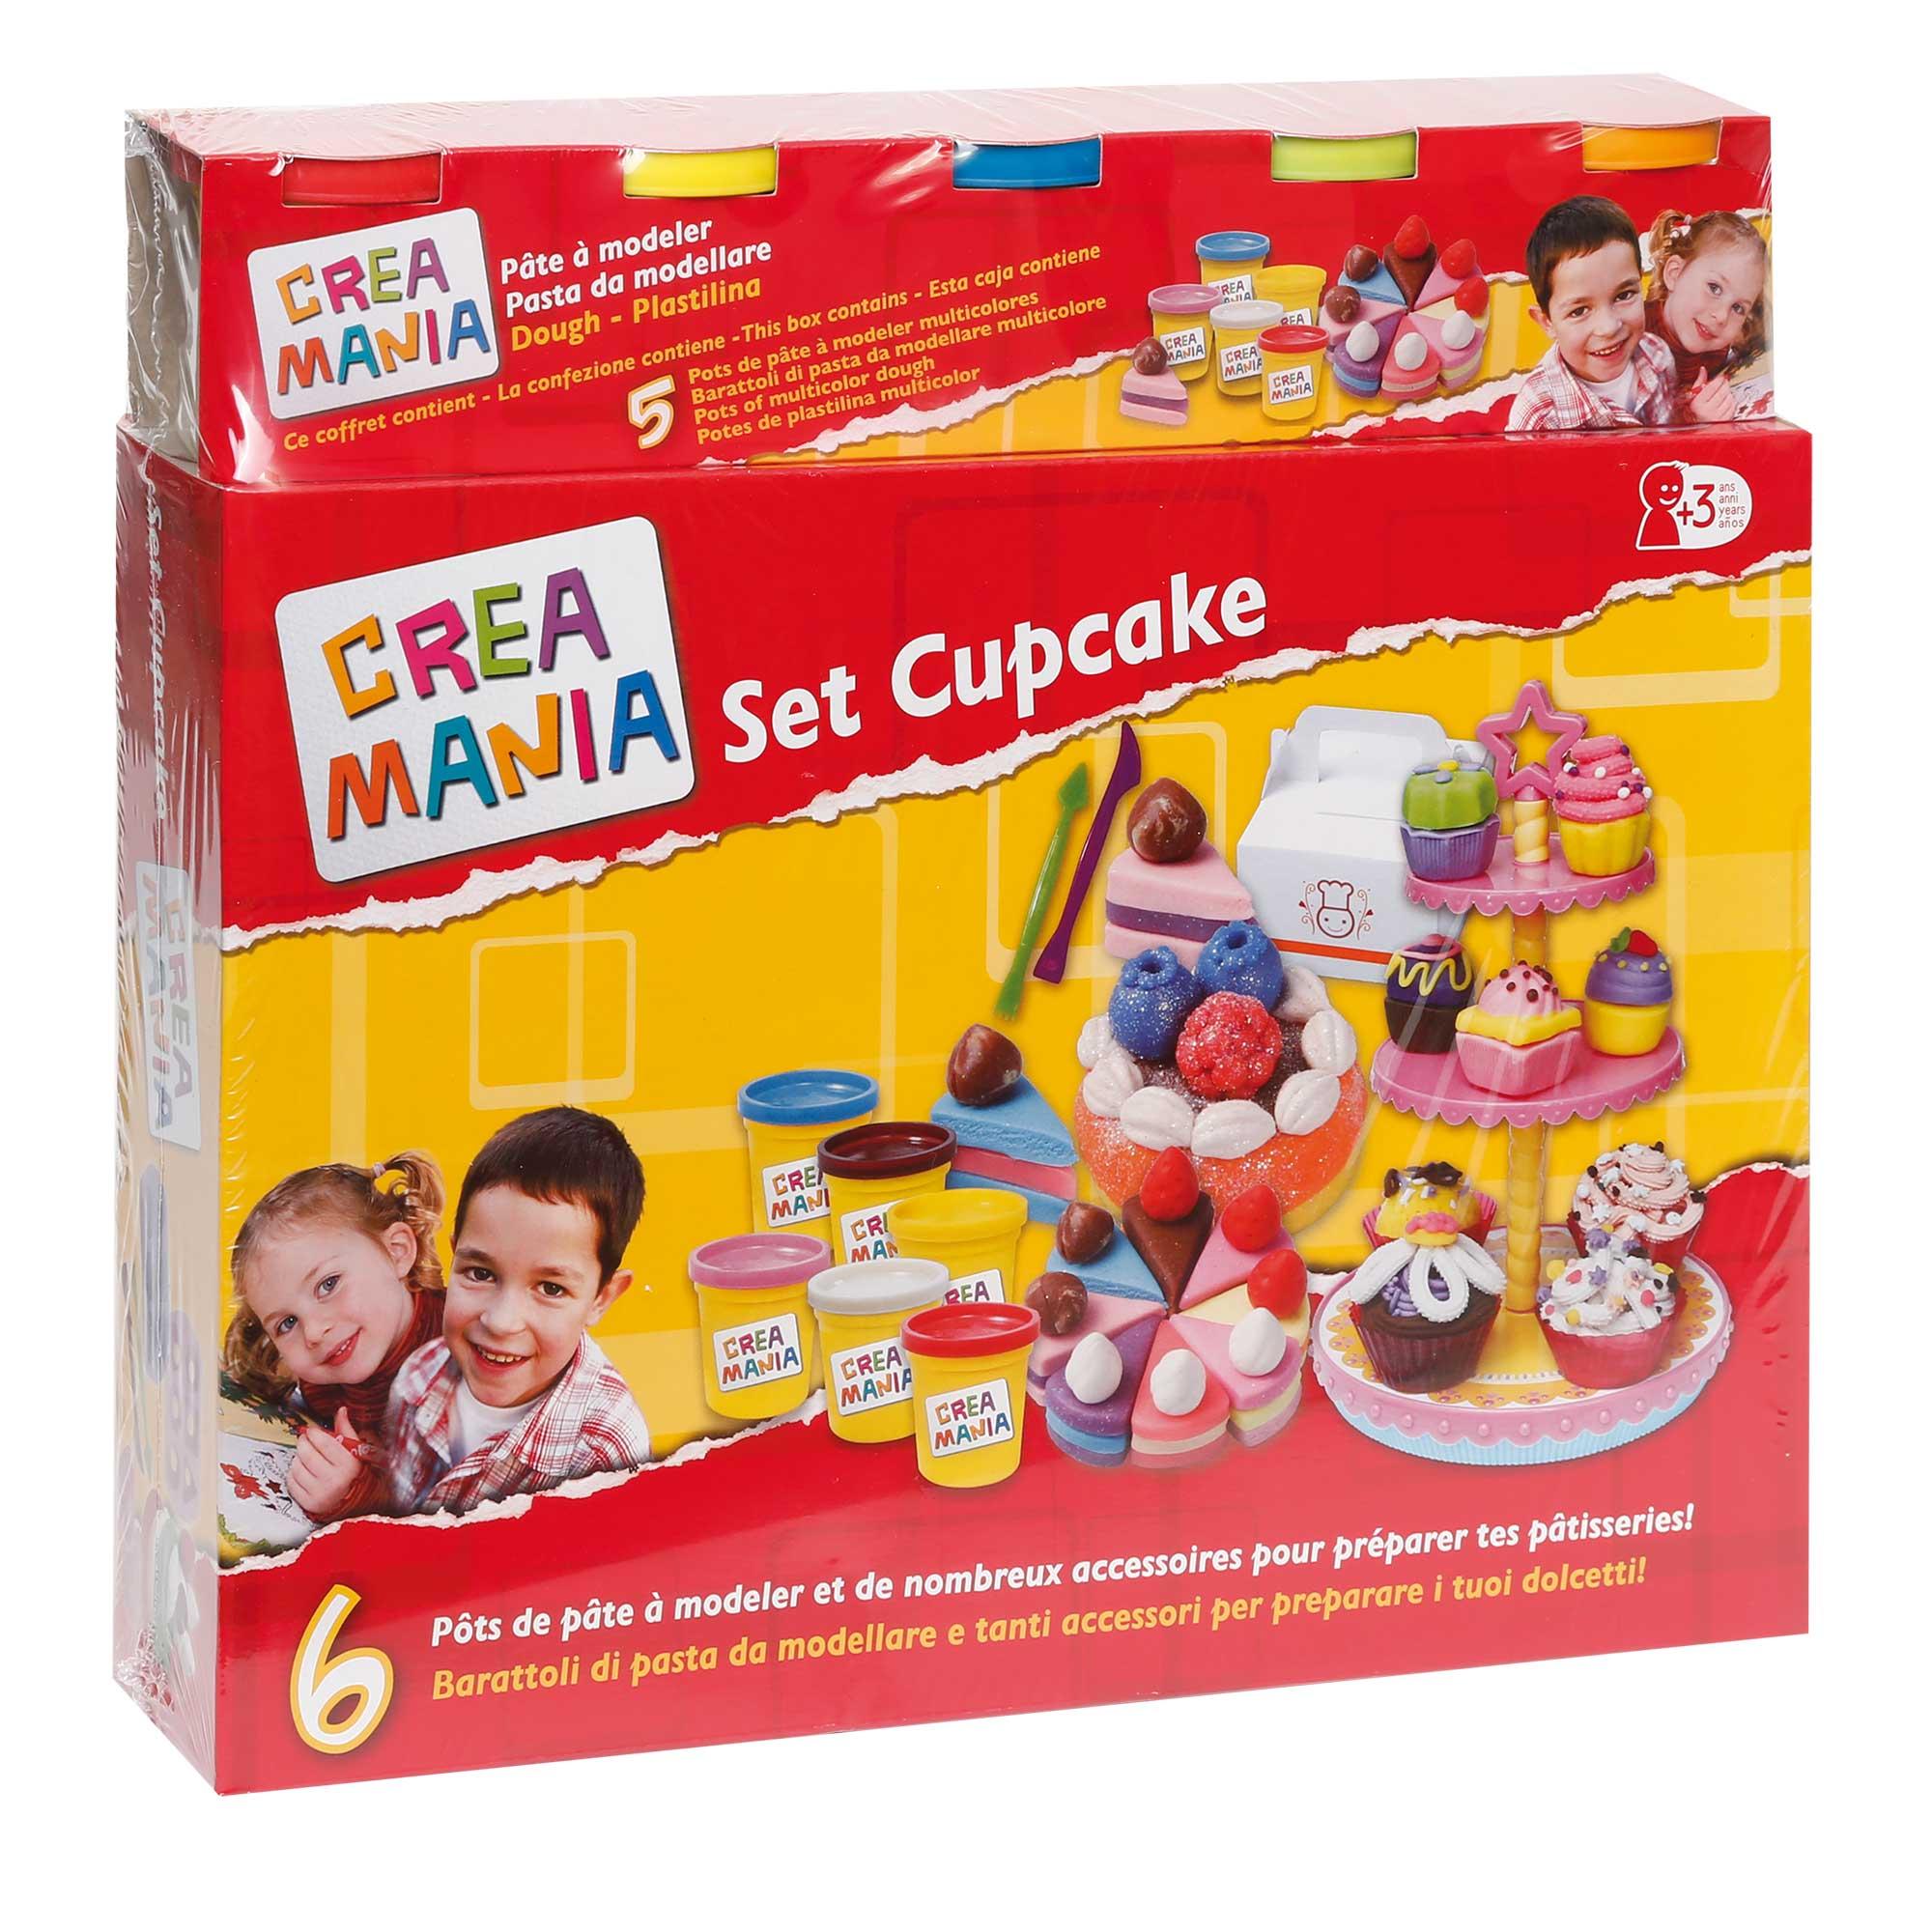 Creamania pasta per modellare dolcetti - CREAMANIA UNISEX